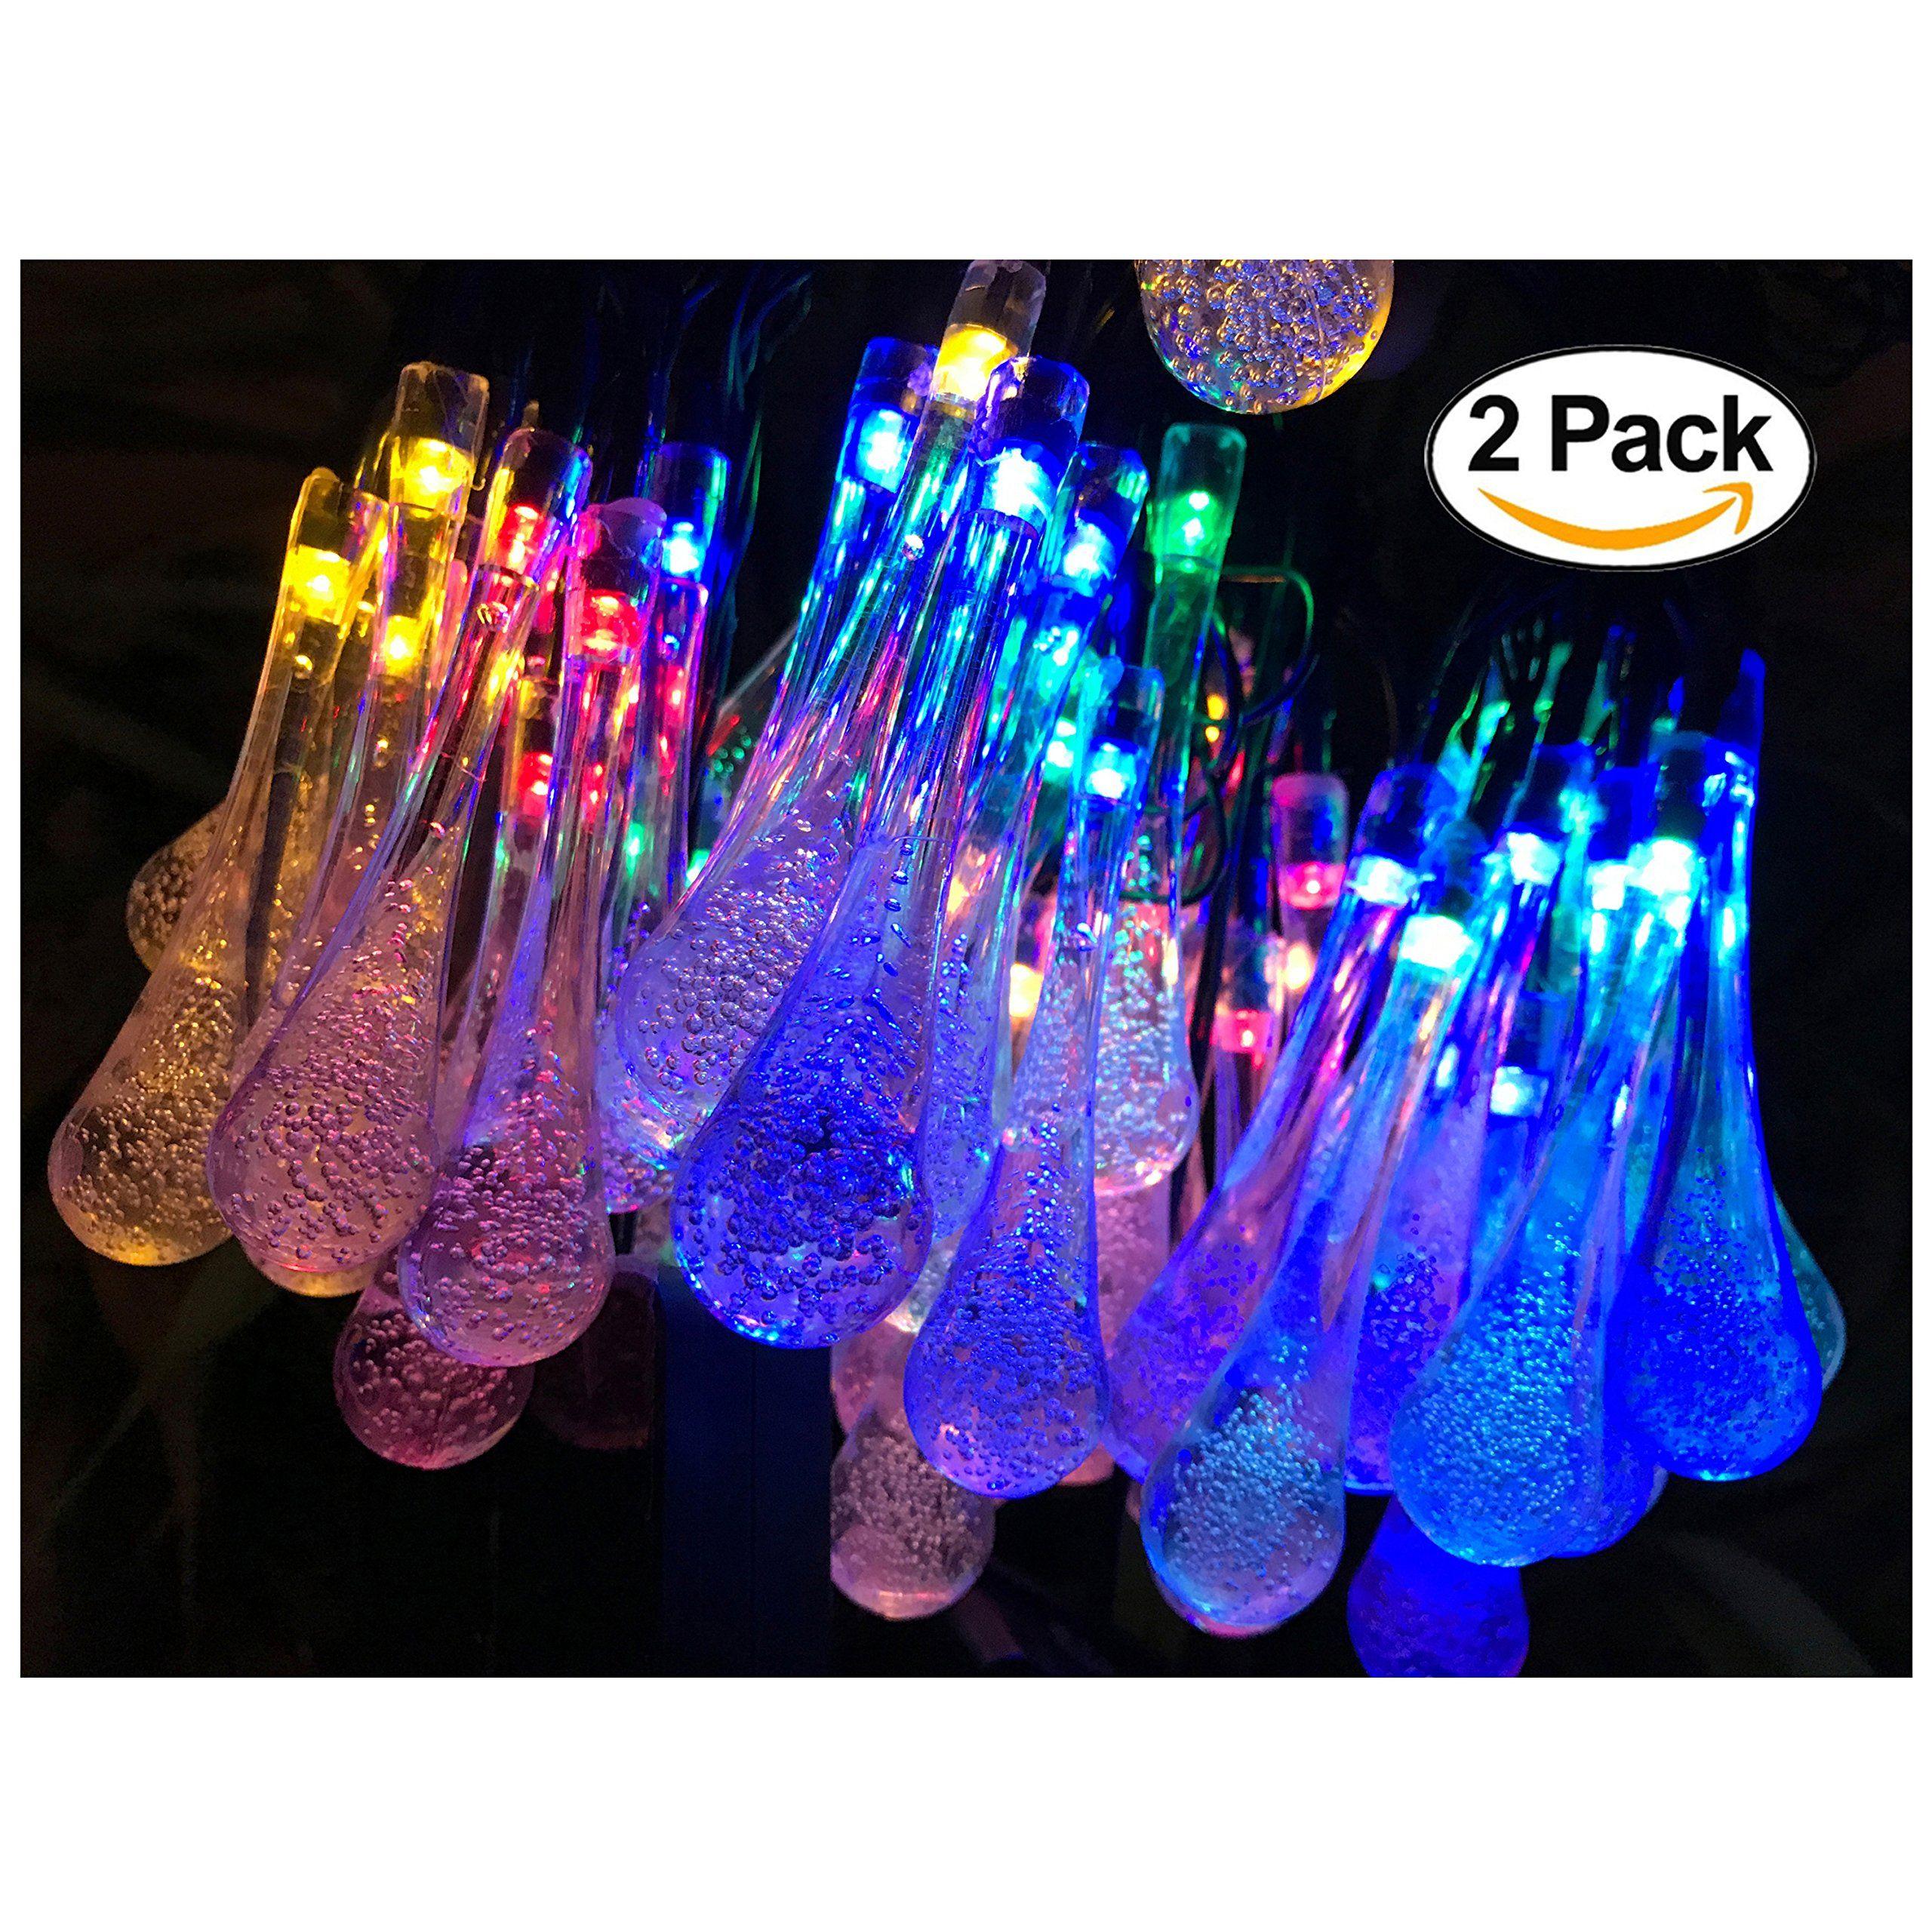 2 Pack Solar Strings Lights Lemontec 20 Feet 30 Led